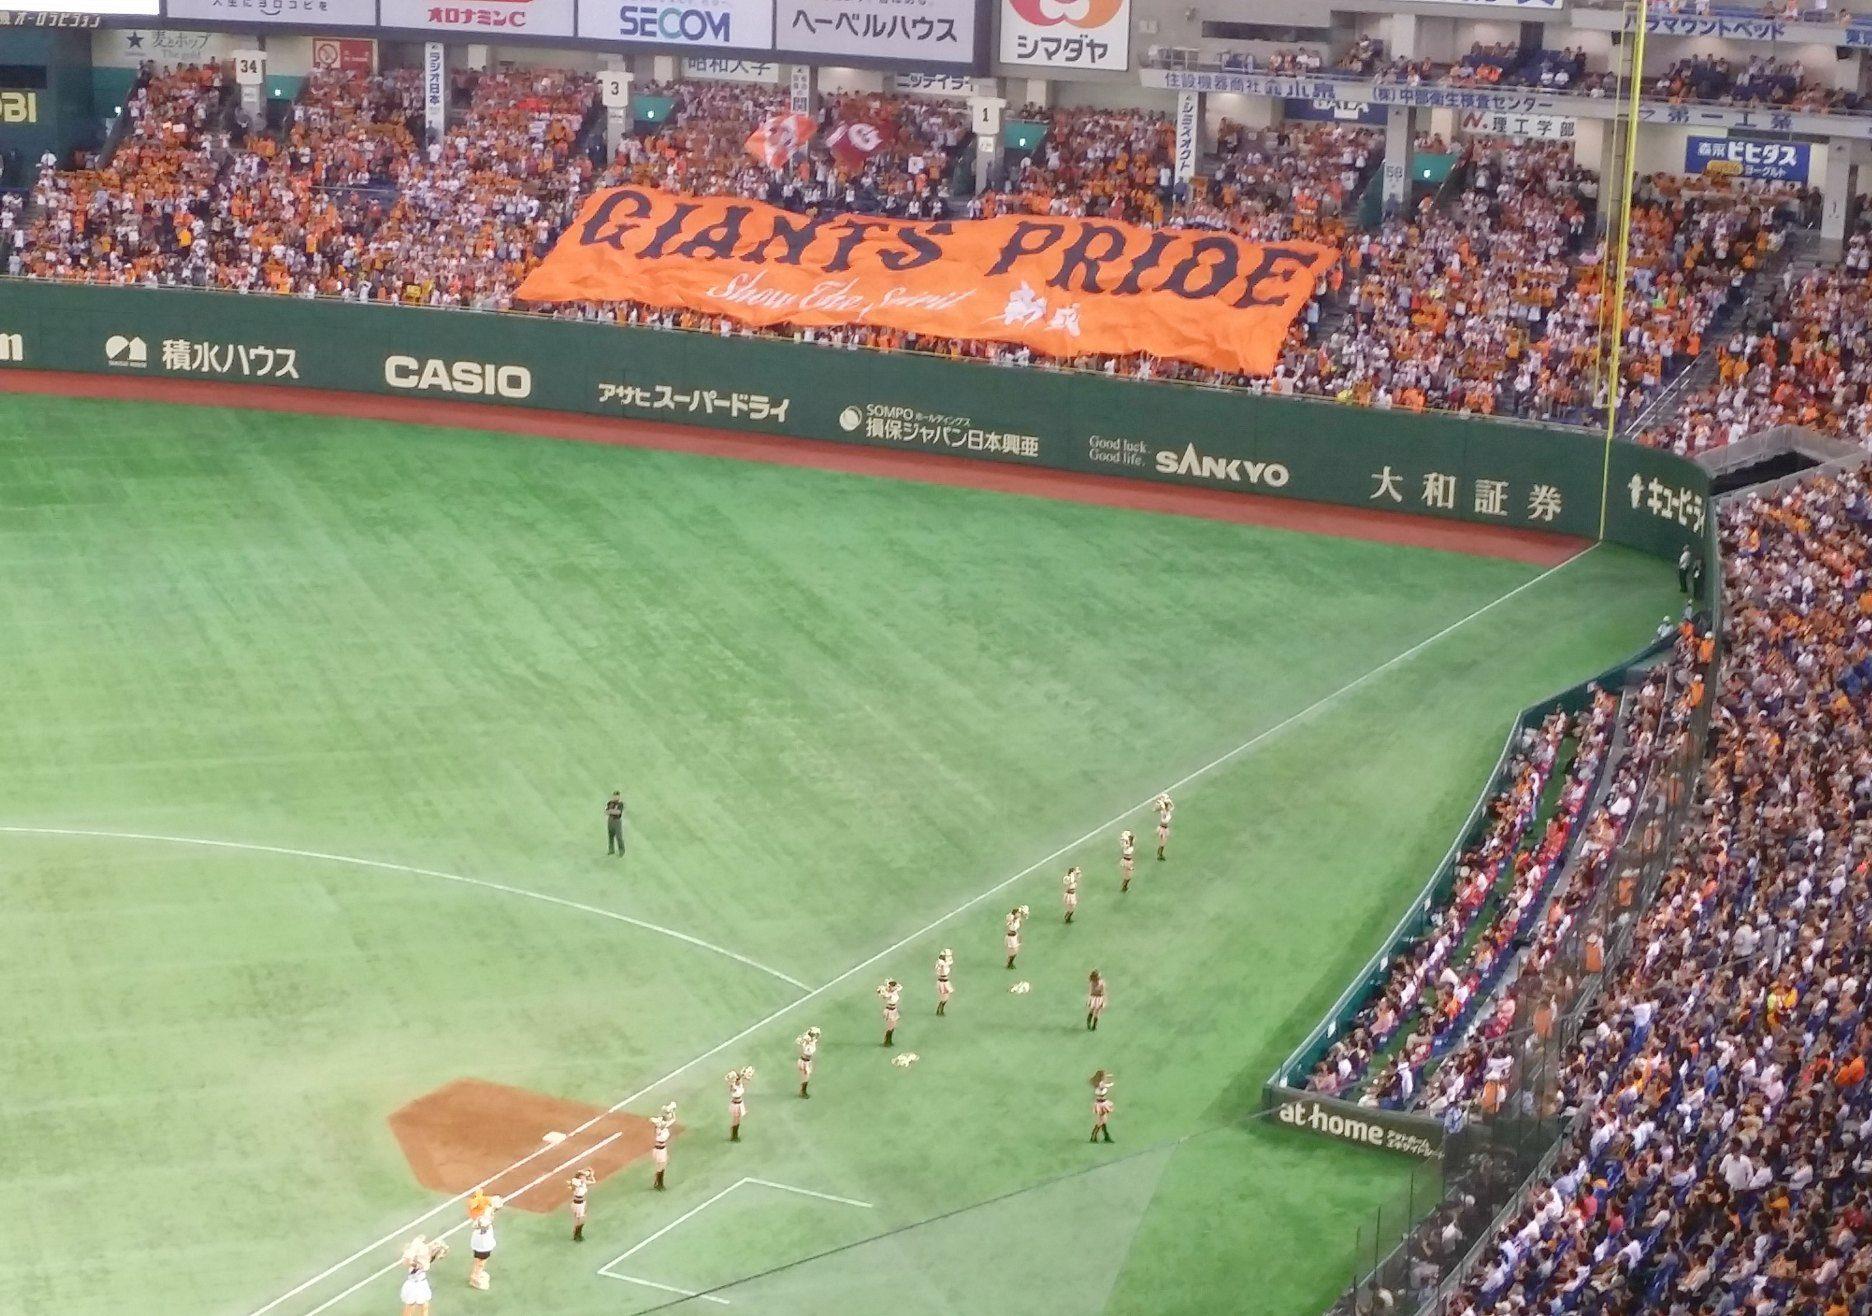 Yomiuri Giants Baseball in the Tokyo Dome